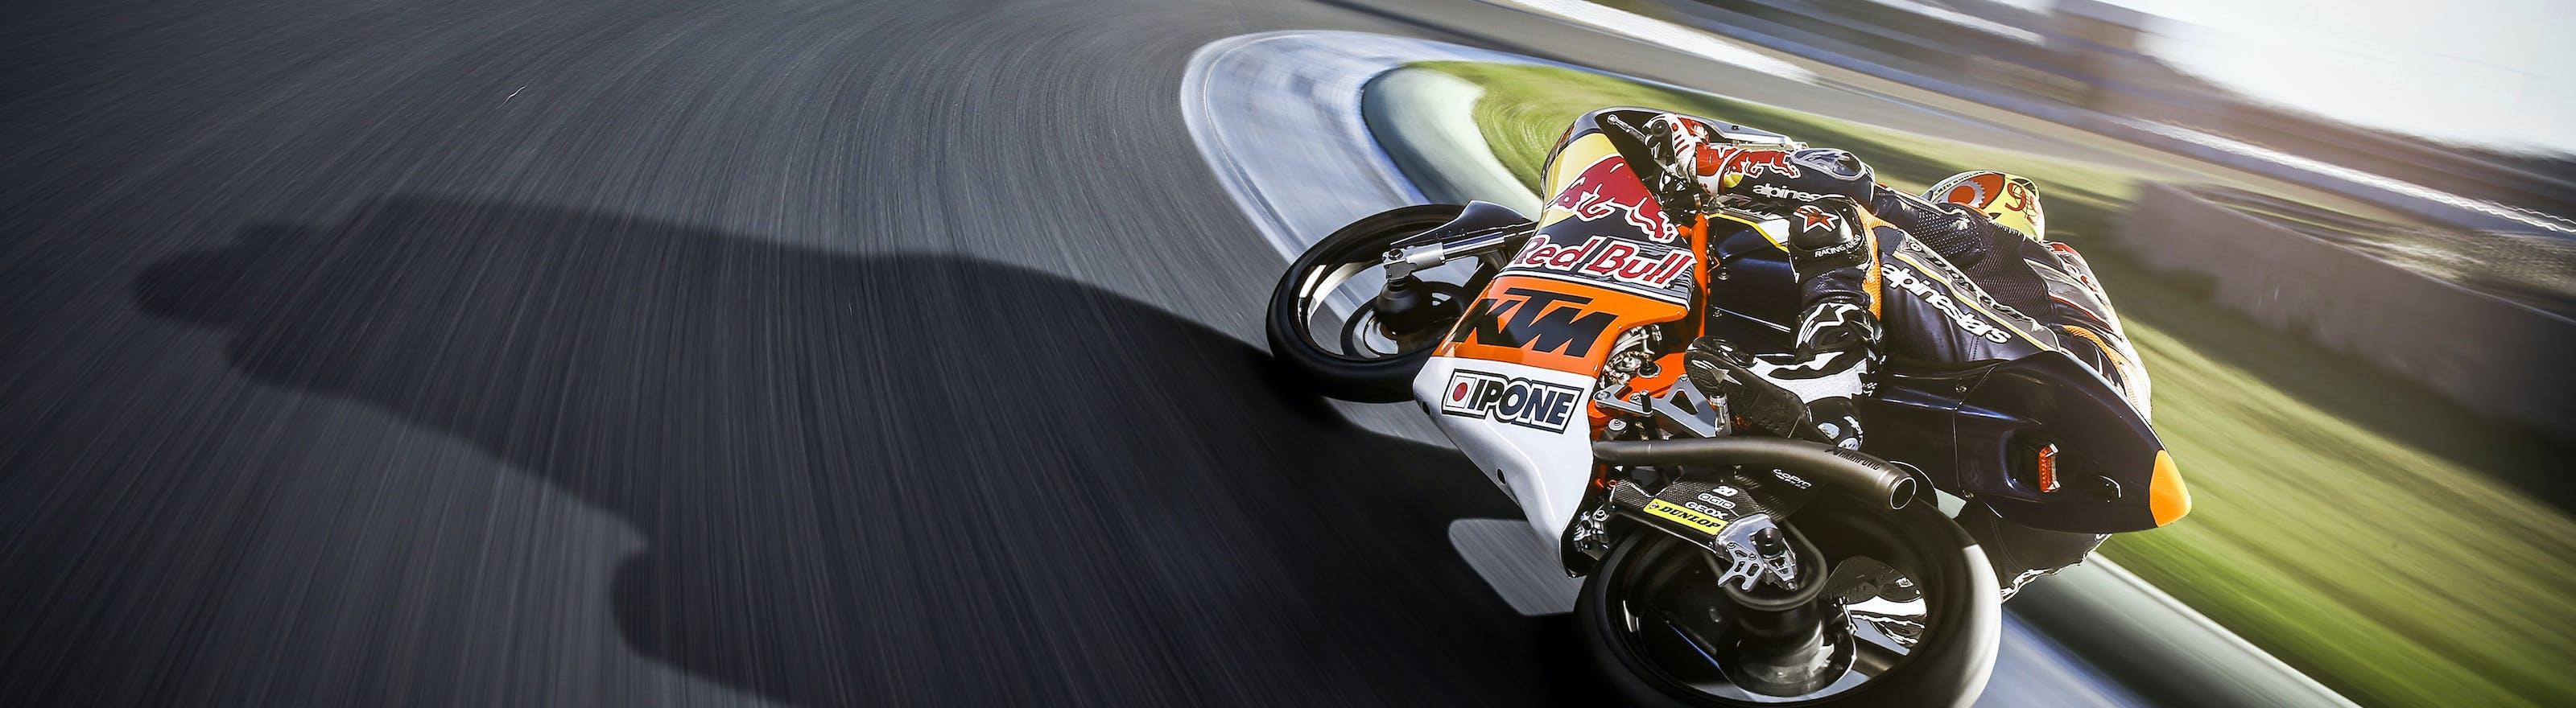 Moto racing sur circuit